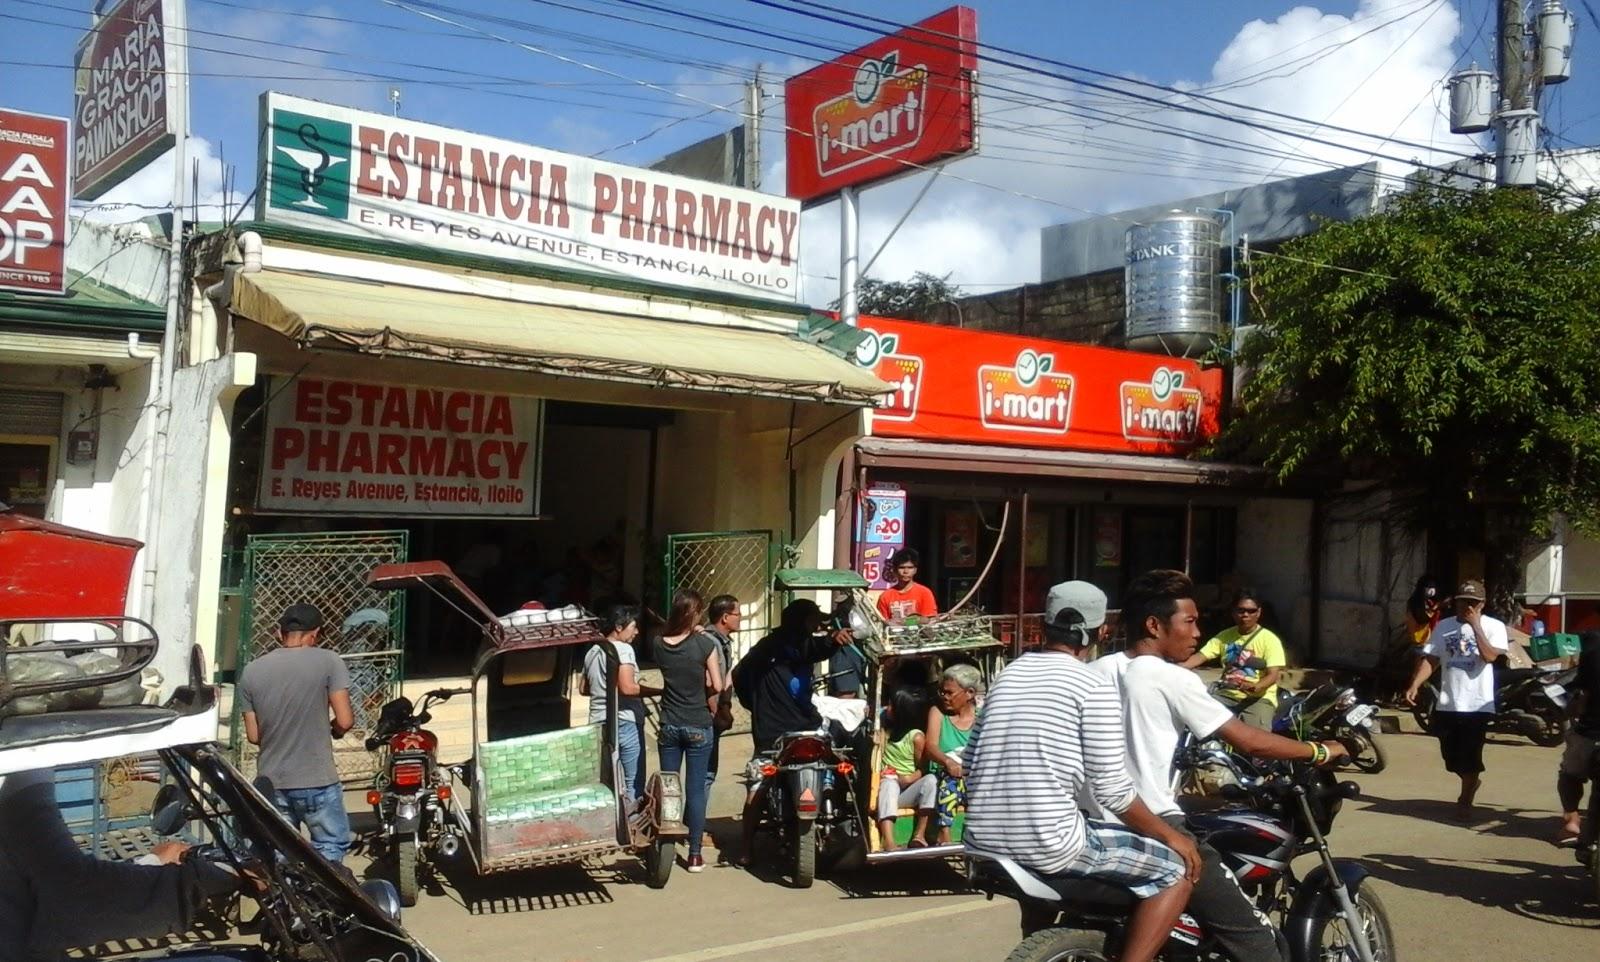 e7511798eea5 Where to Buy Medicine in Iloilo? Know Some DrugStores | ESTANCIA TIMES